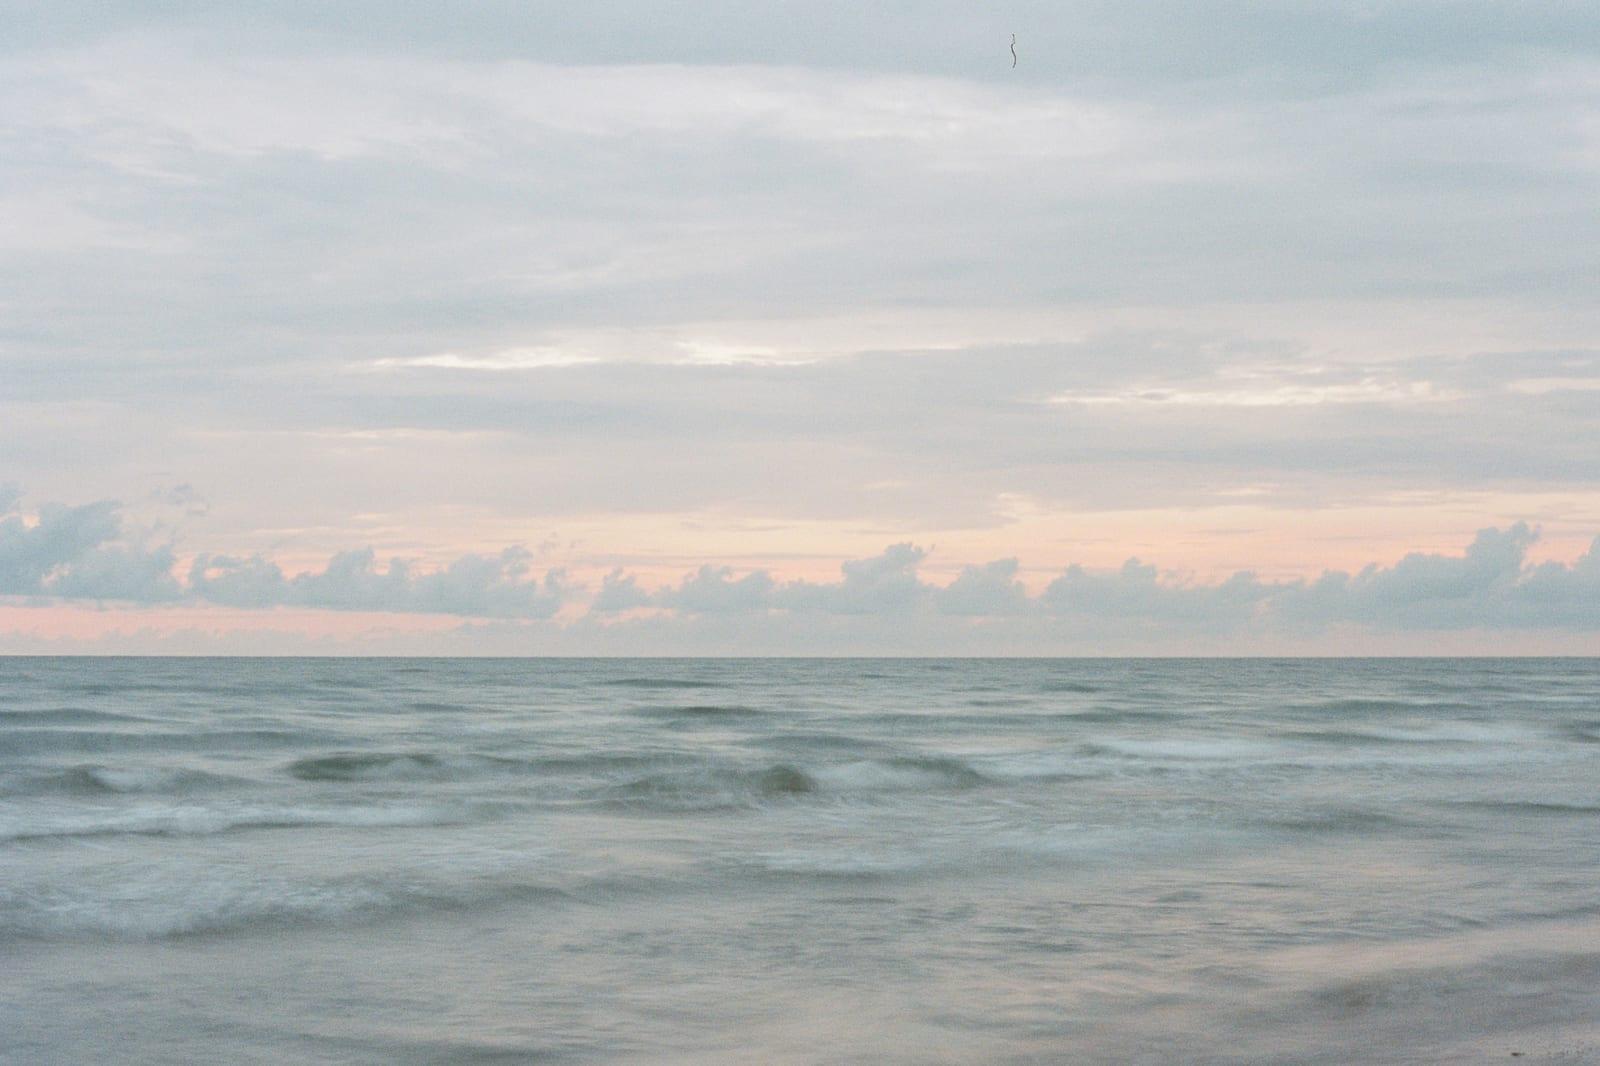 Dawn on the beach at Padre island, TX.